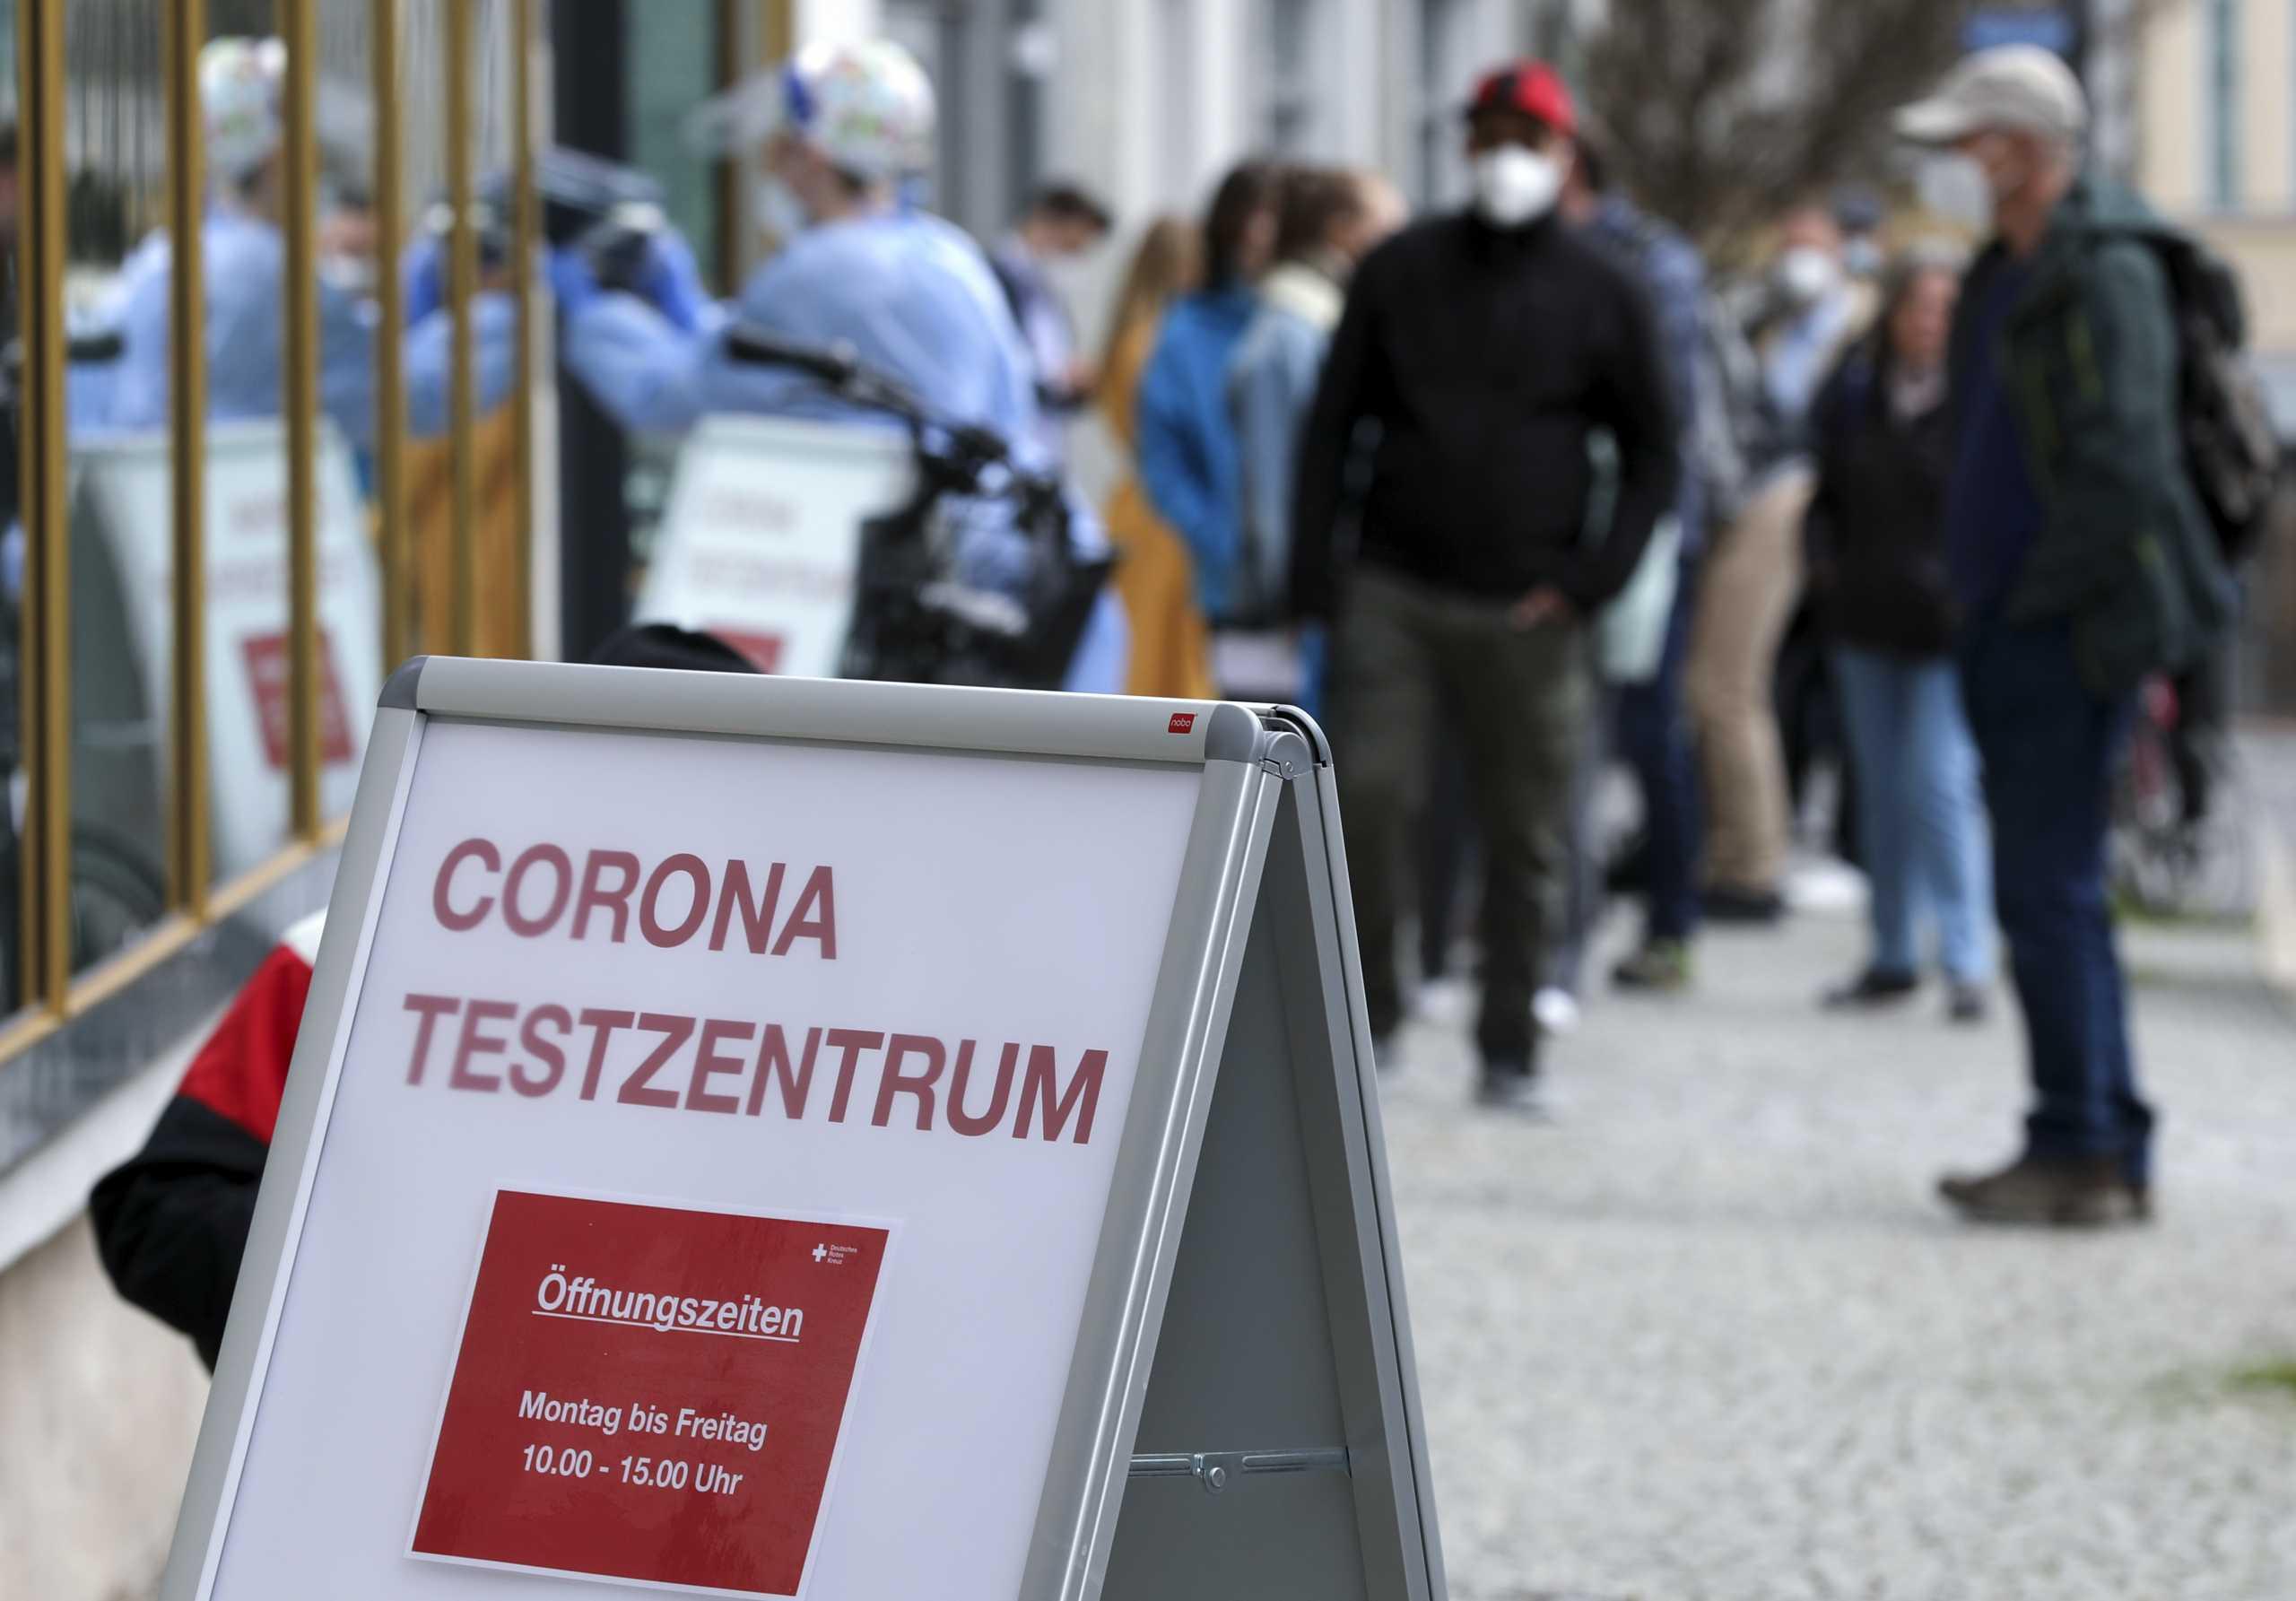 Γερμανία – κορονοϊός: Πάνω από 4.700 νέα κρούσματα σε ένα 24ωρο